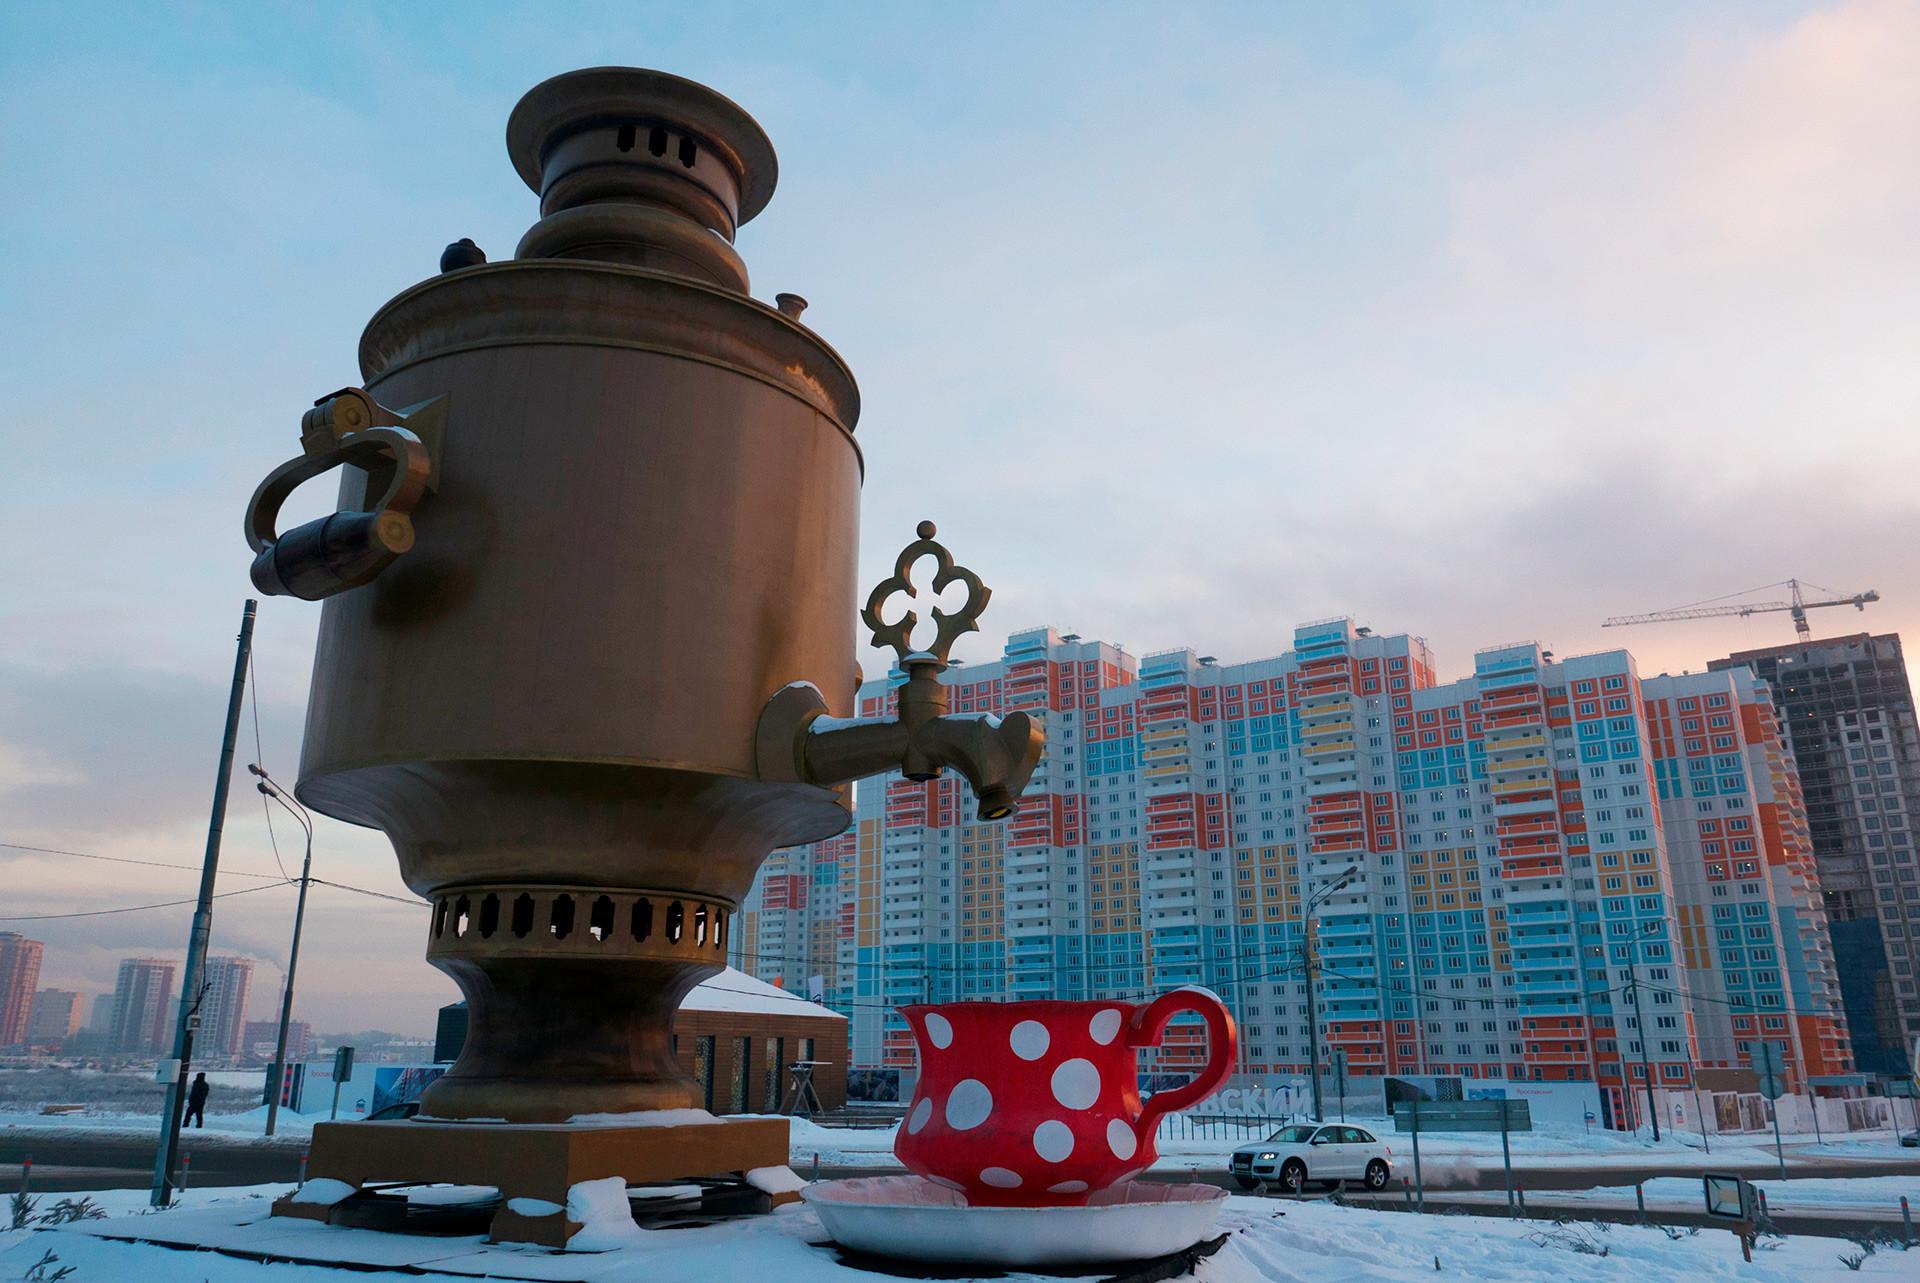 Patung samovar berukuran 8 meter di kota Mytischi, Daerah Moskow.